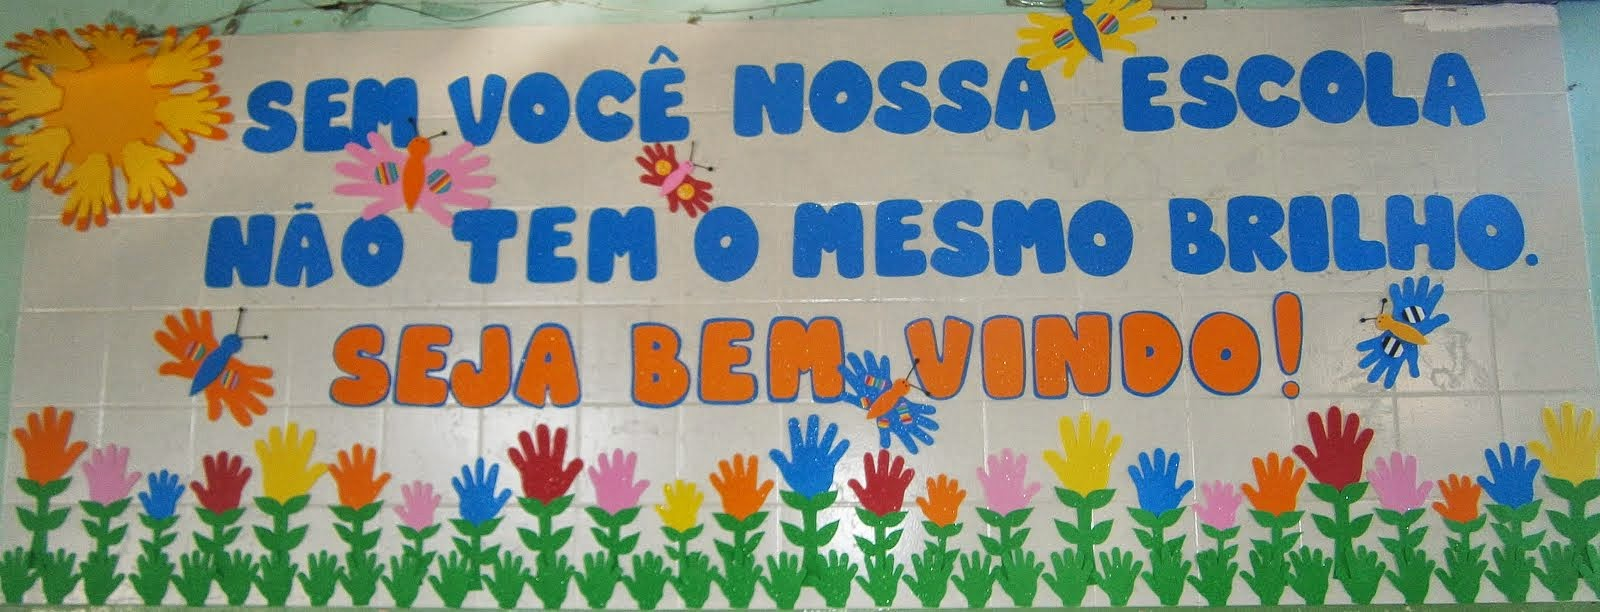 NOSSA ESCOLA: